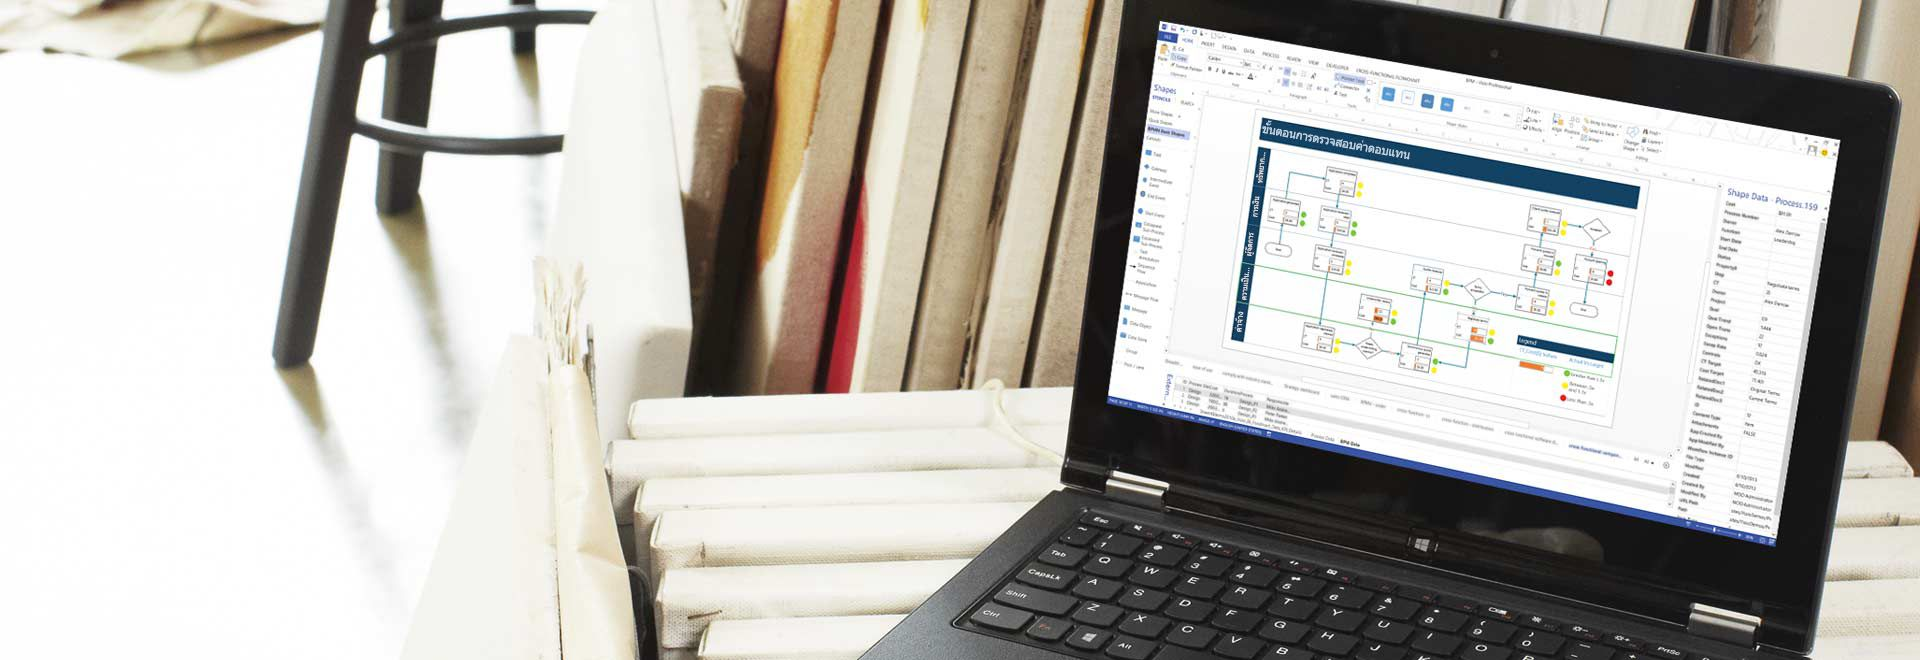 แล็ปท็อปกำลังแสดงไดอะแกรมขั้นตอนการดำเนินการใน Visio Pro สำหรับ Office 365